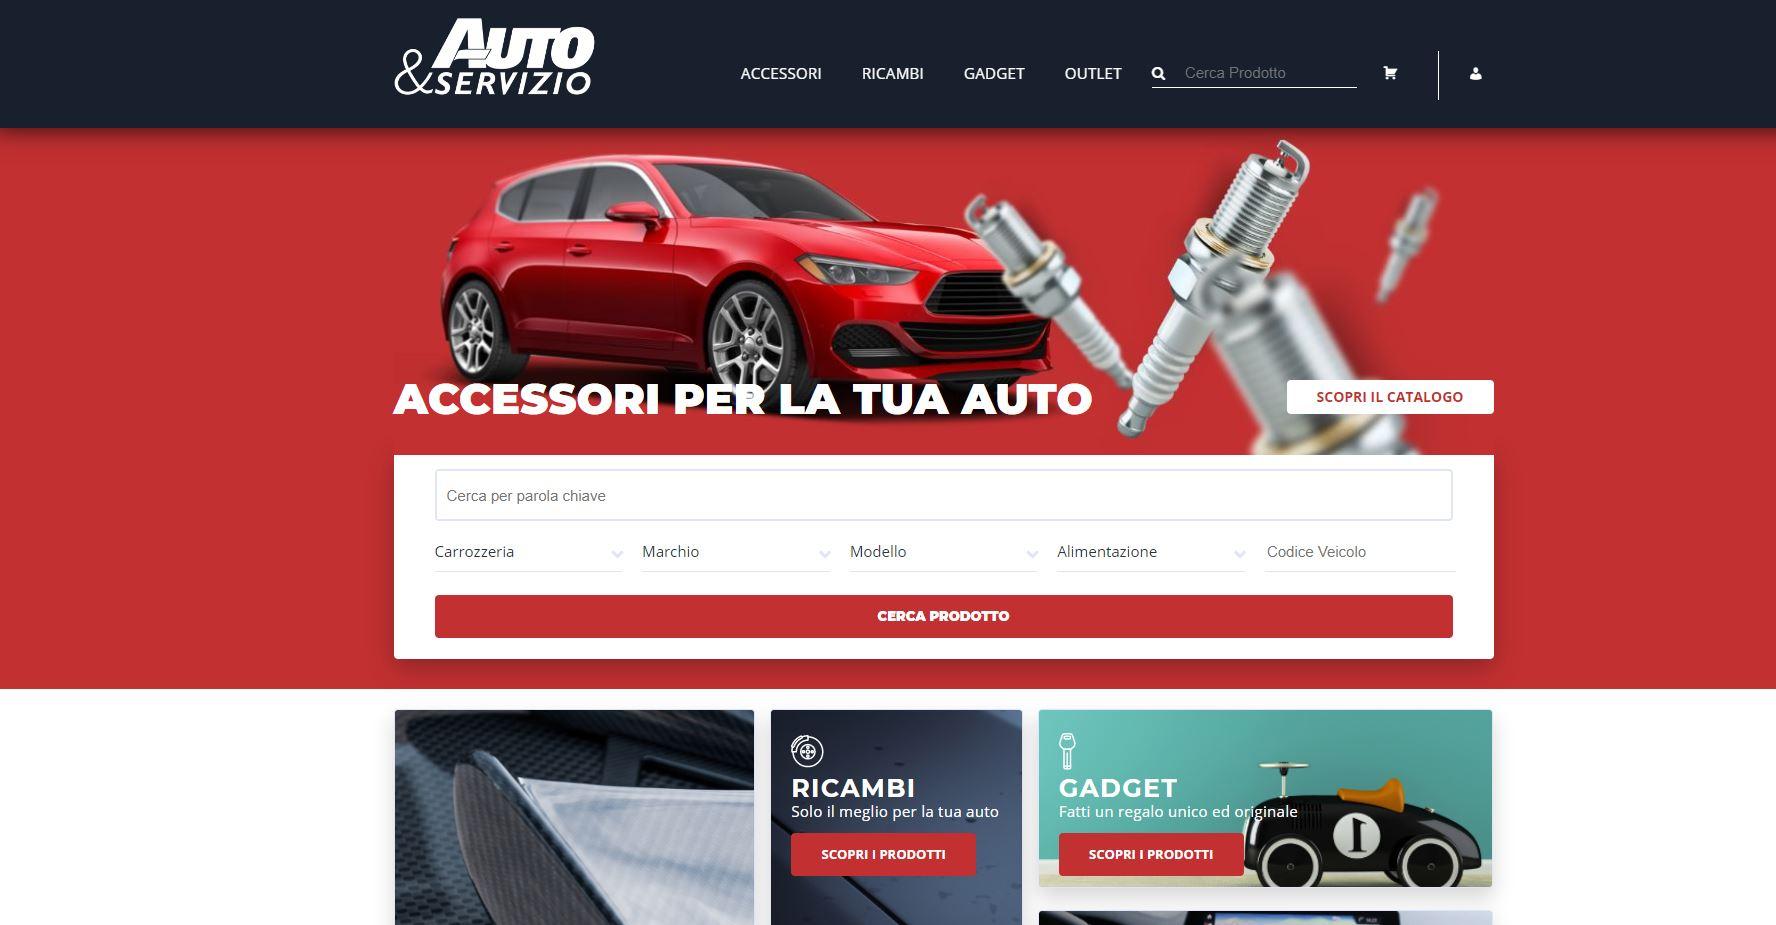 shop_autoeservizio